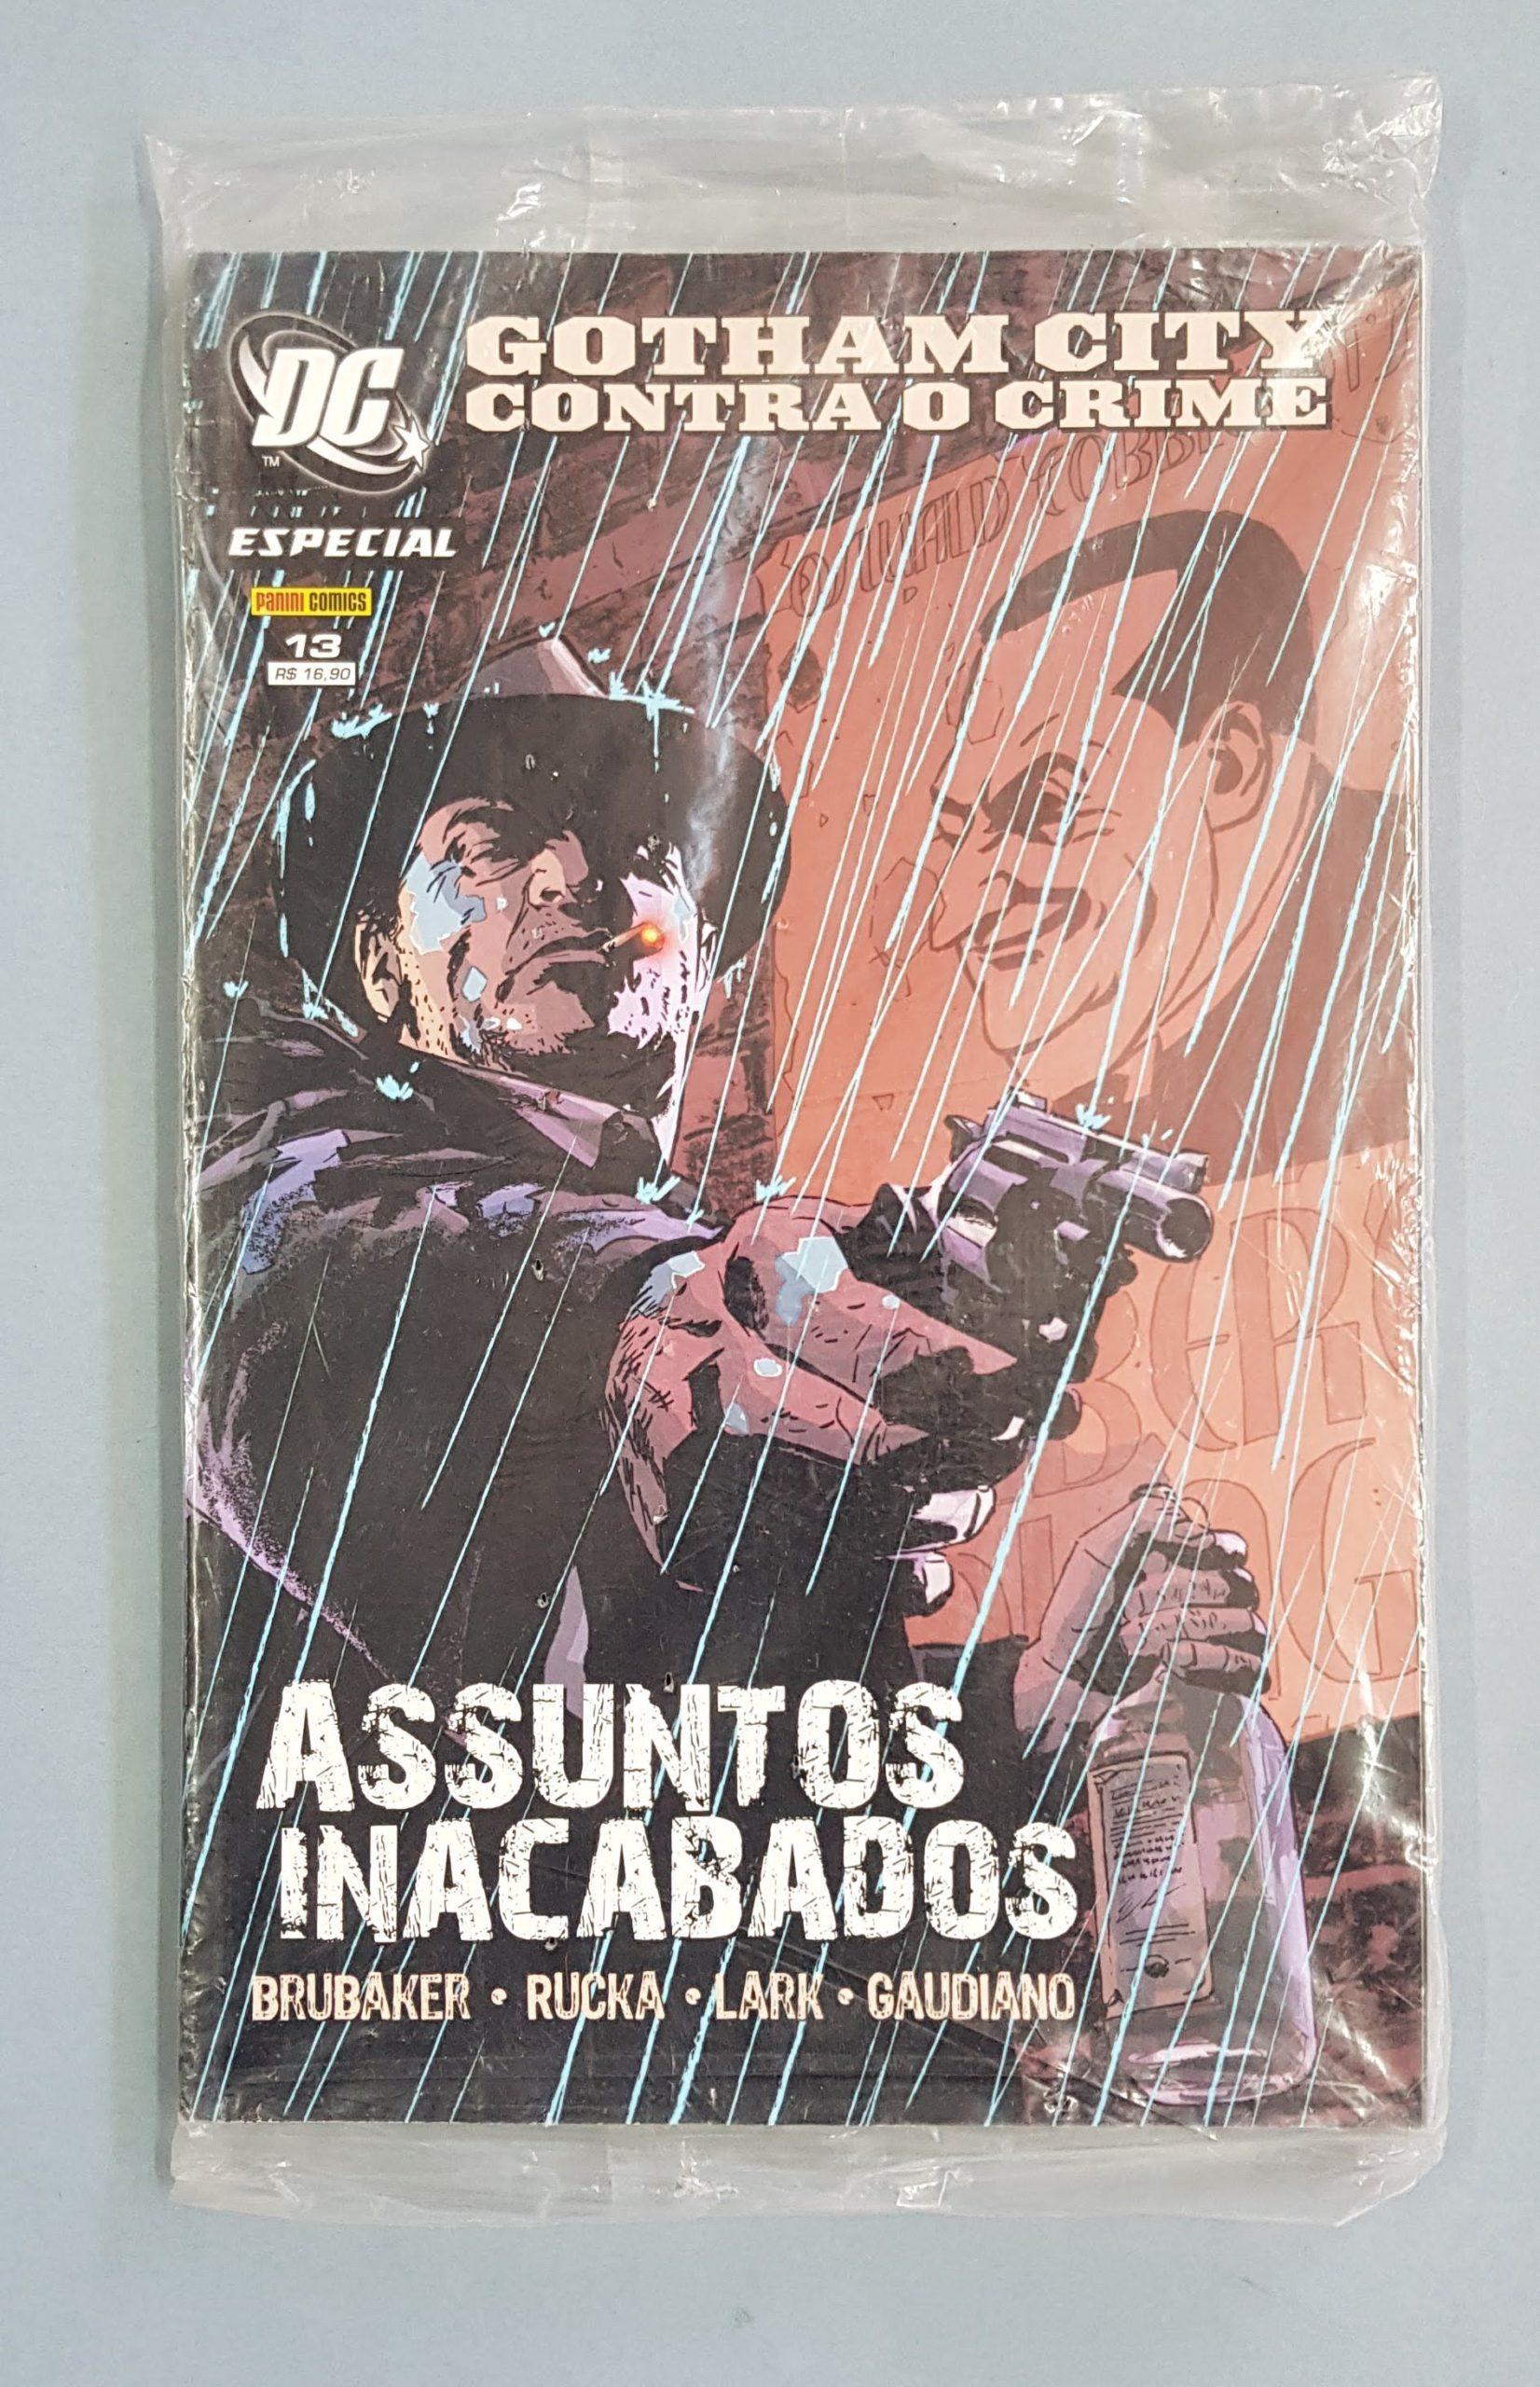 DC ESPECIAL GOTHAM CITY CONTRA O CRIME: ASSUNTOS INACABADOS